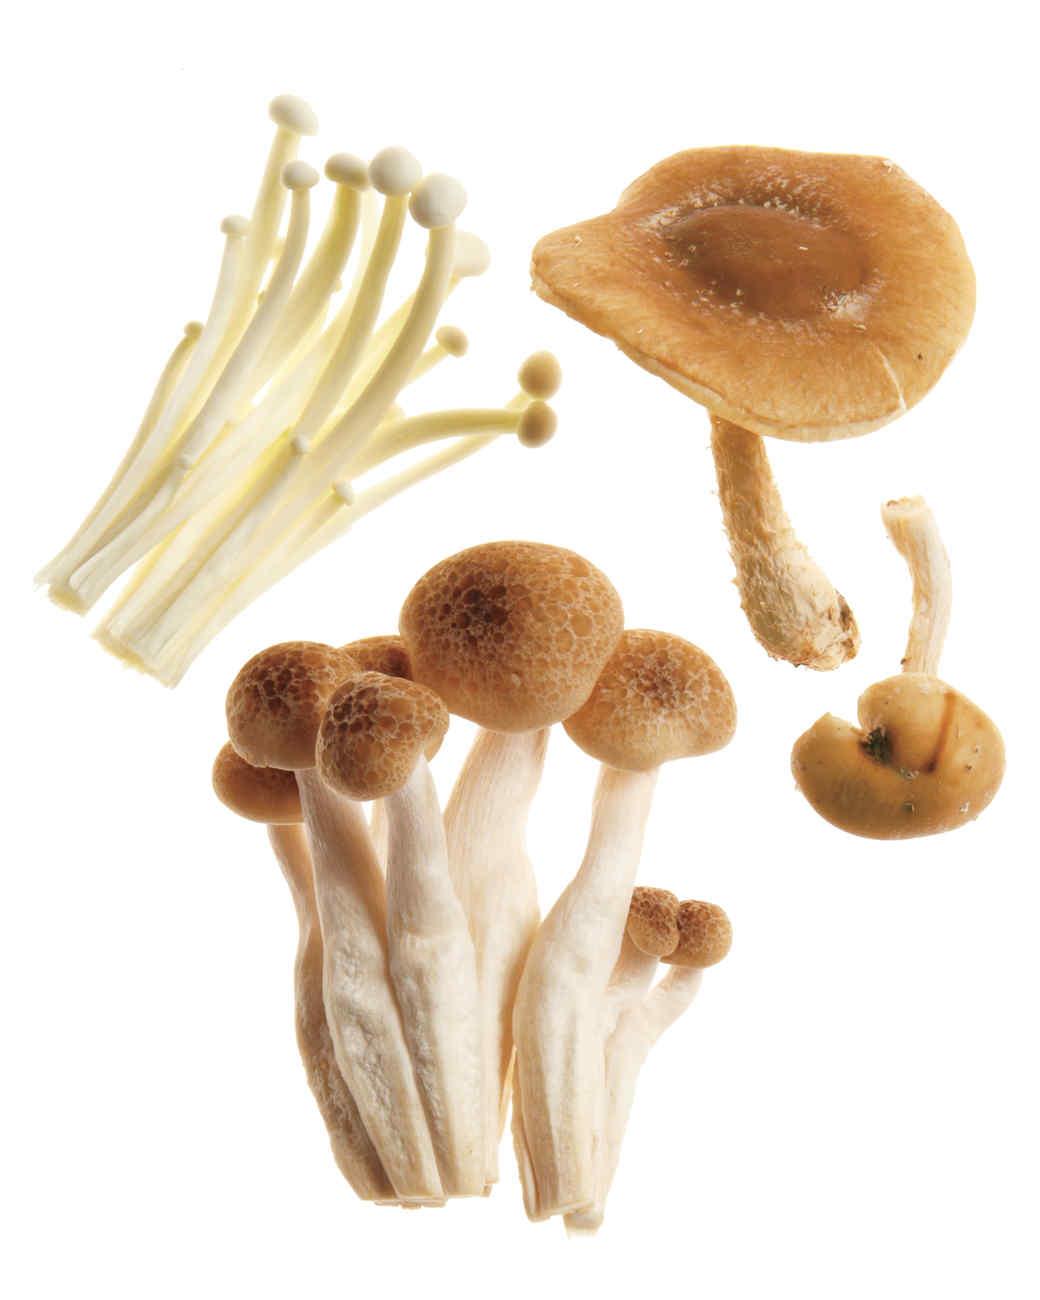 fungi-perfecti-059-md109333.jpg